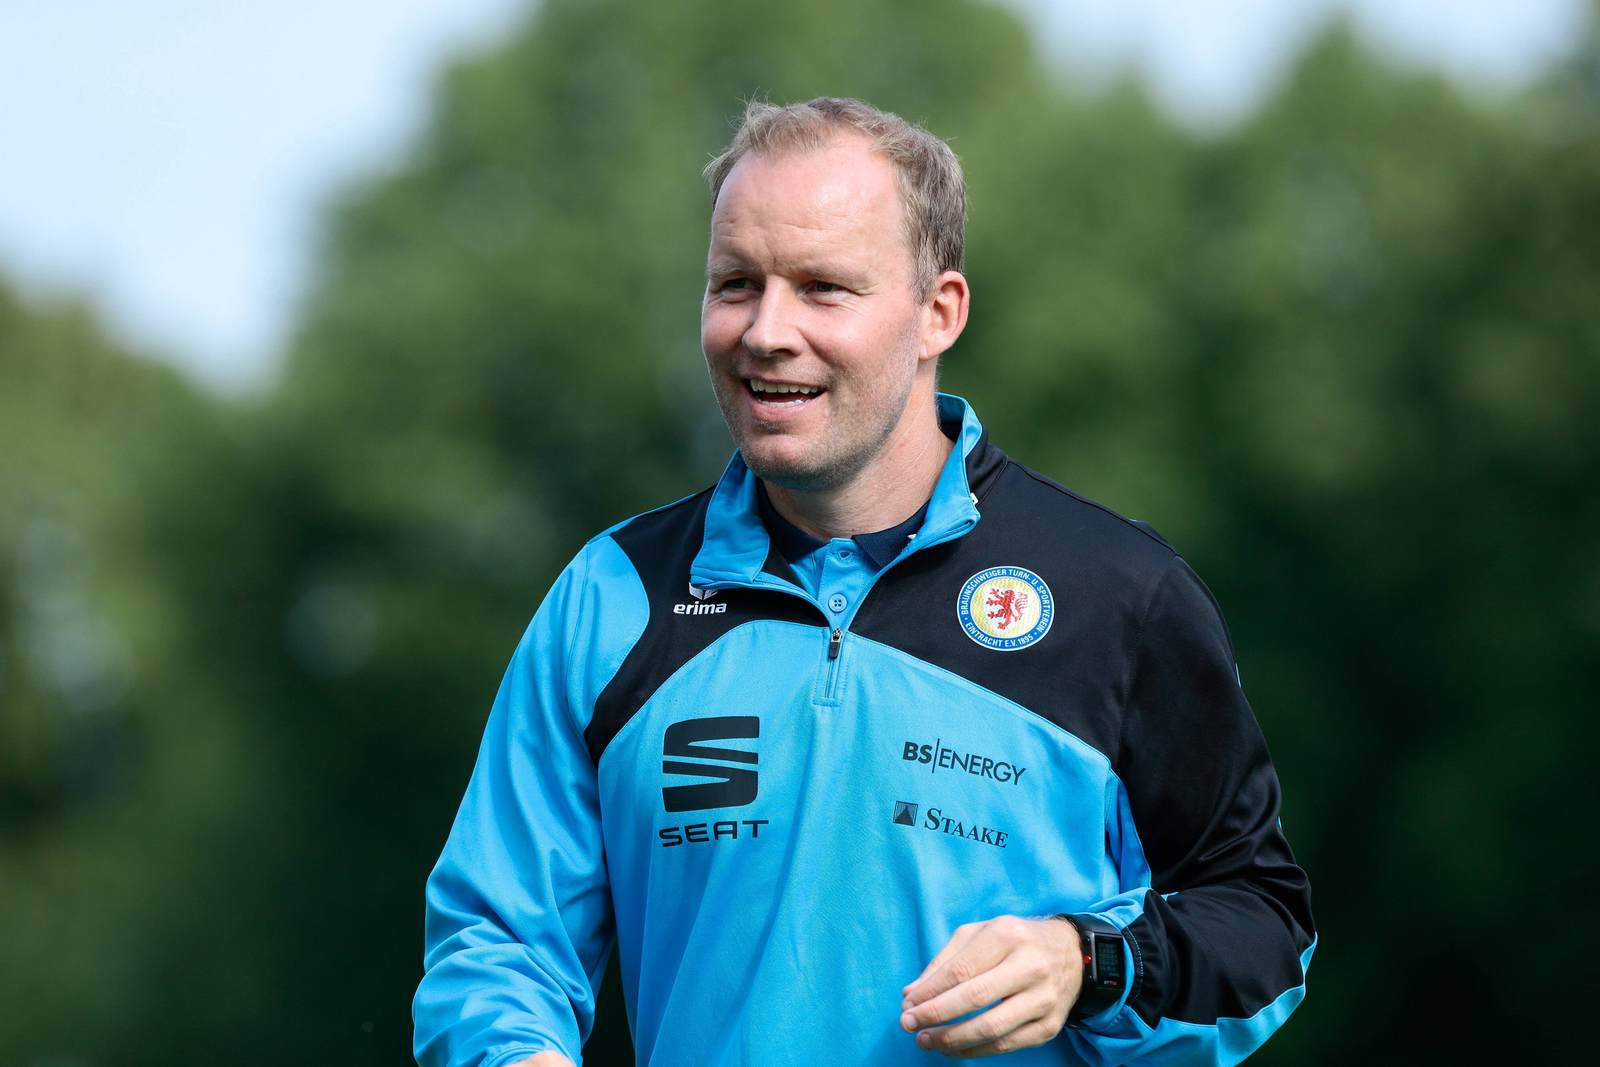 Hofft auf Verbesserungen in der Offensive: Braunschweigs Trainer Hernik Pedersen